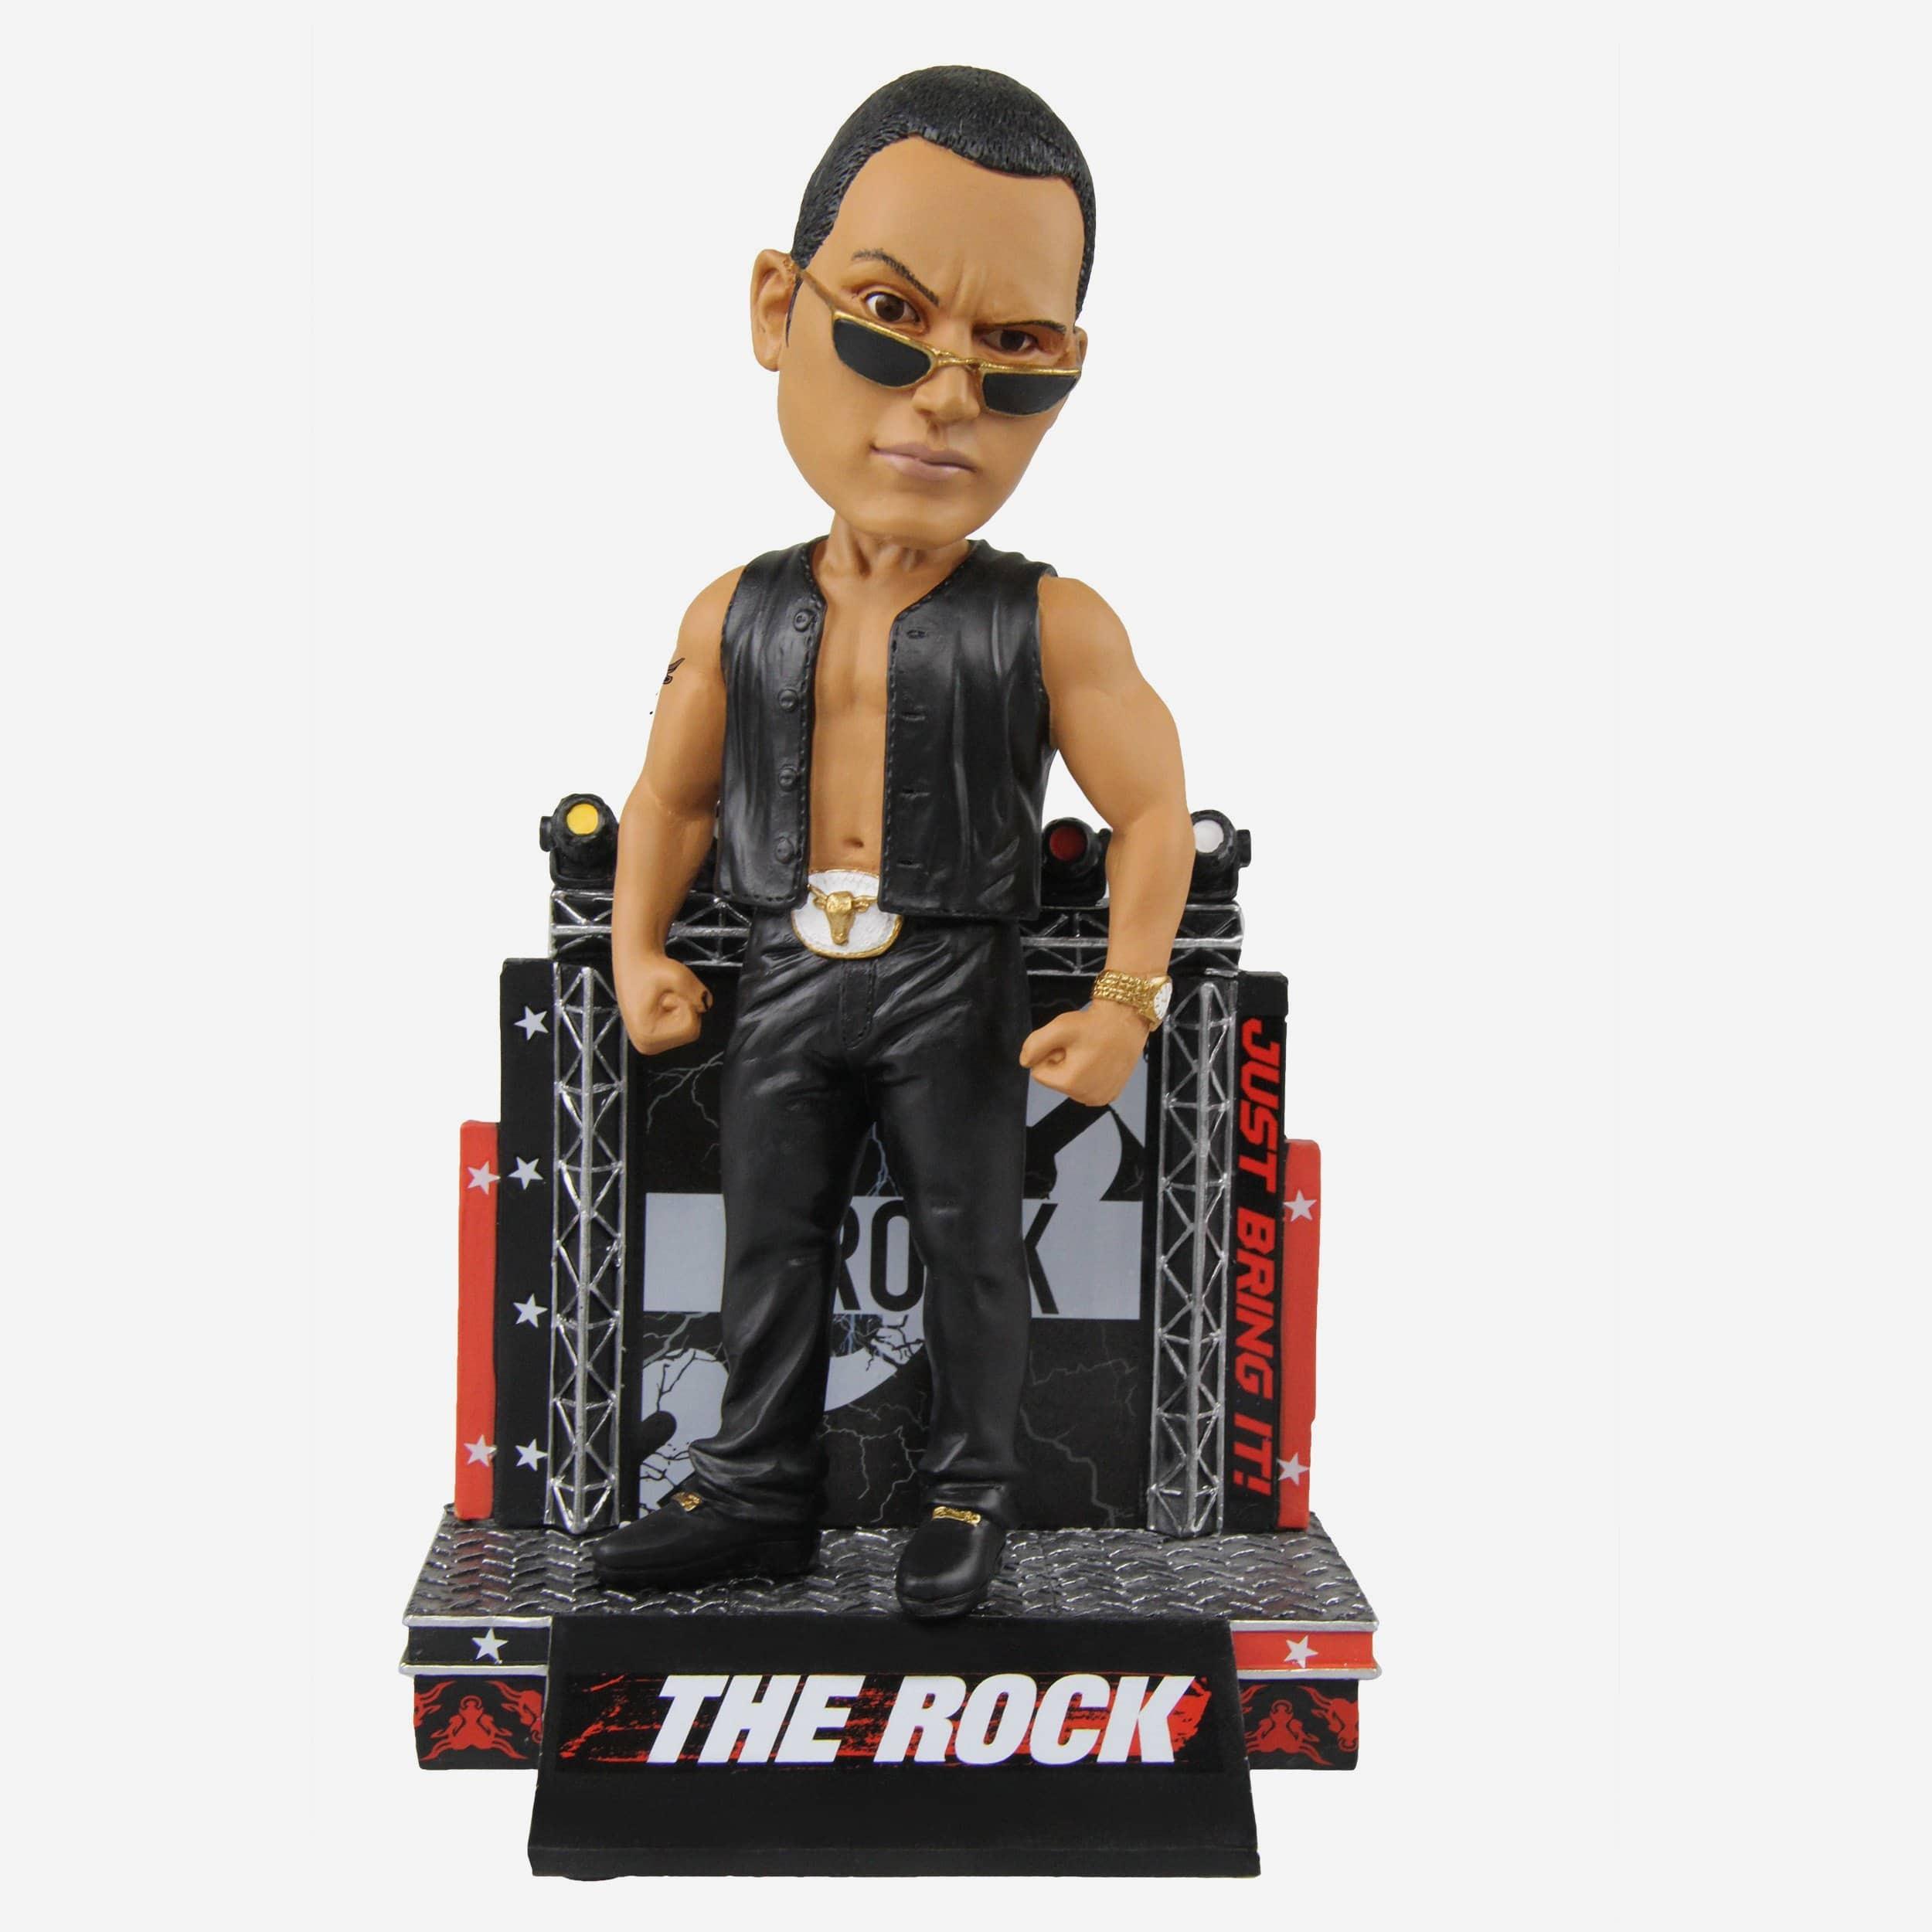 FOCO The Rock Attitude WWE Bobblehead